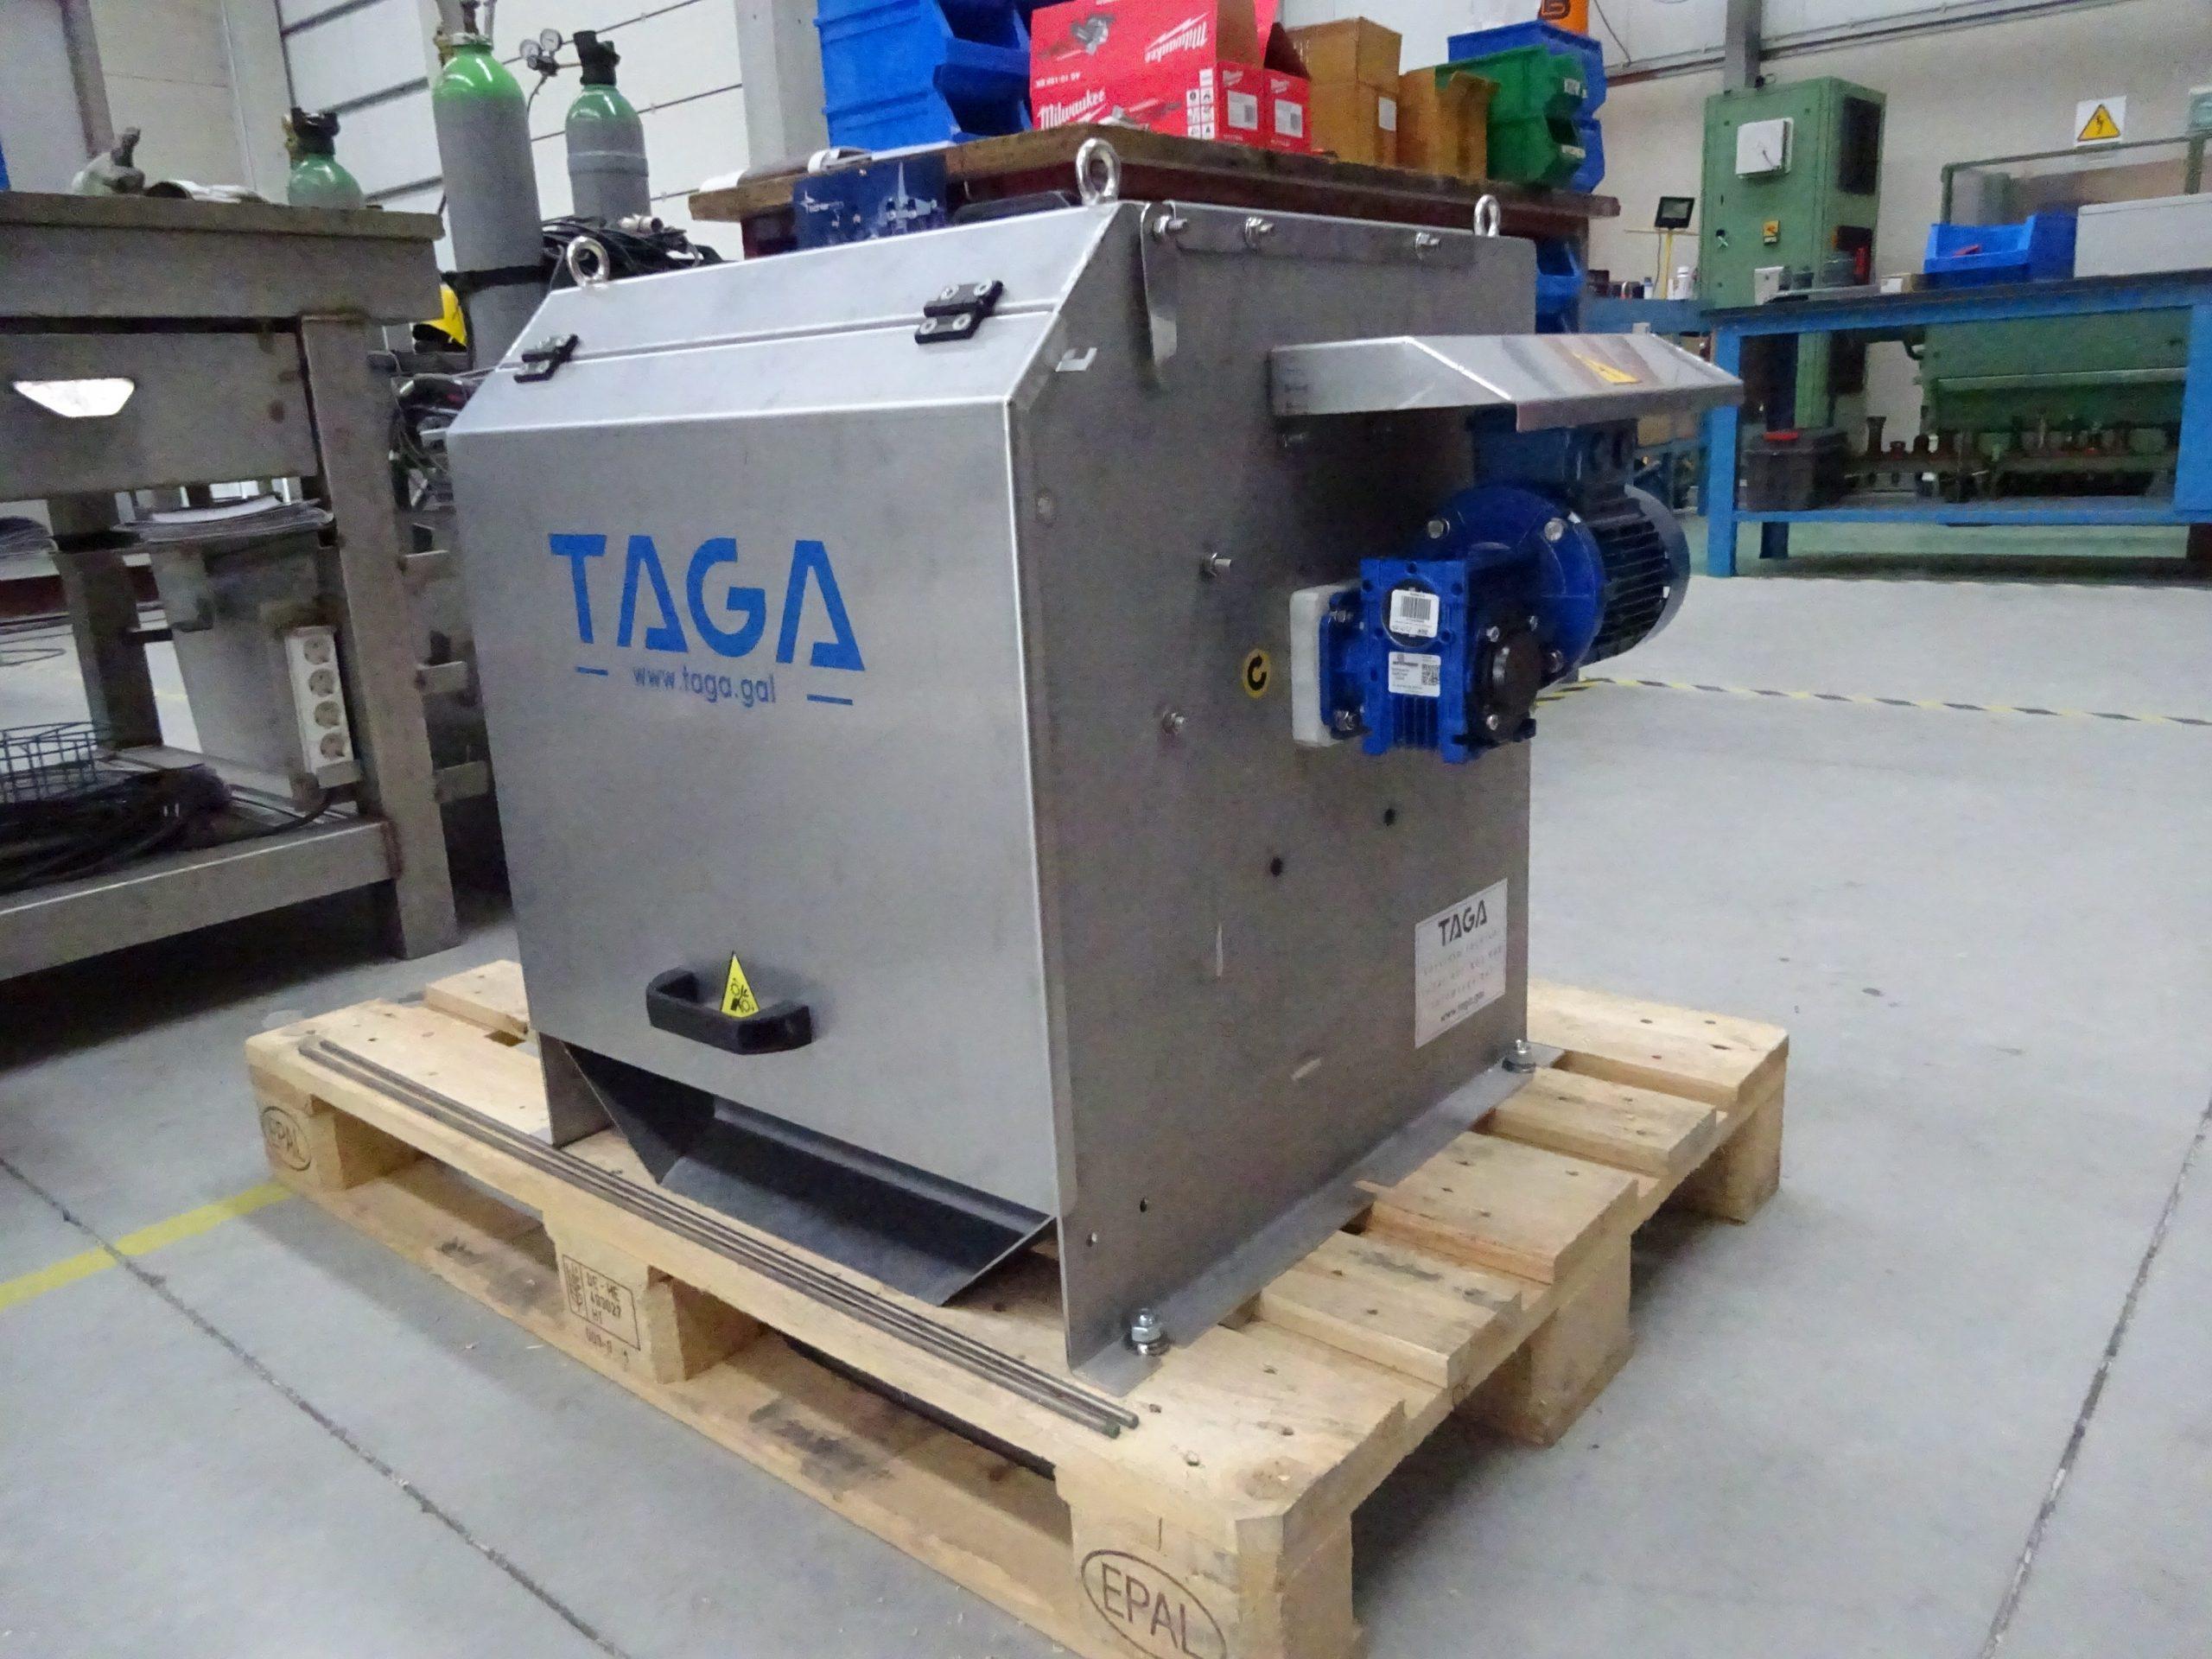 taga tecnología ambiental gallega tamiz rotativo